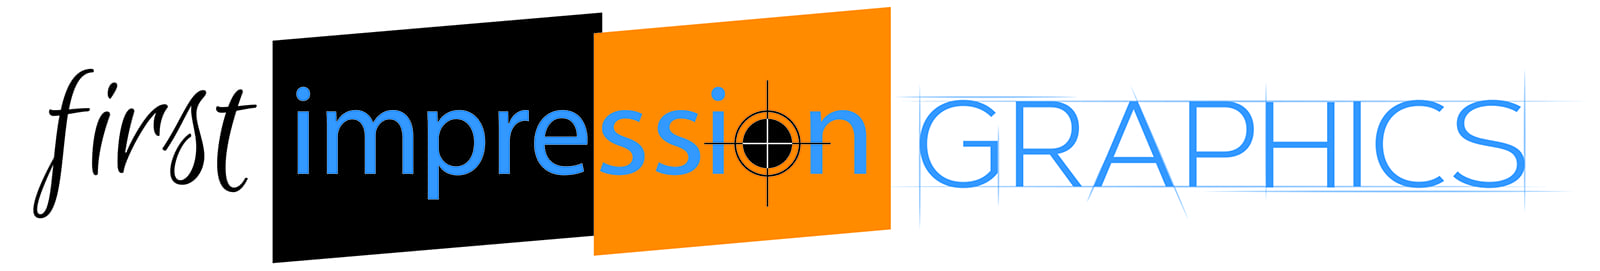 FIG_2016_logo.jpg